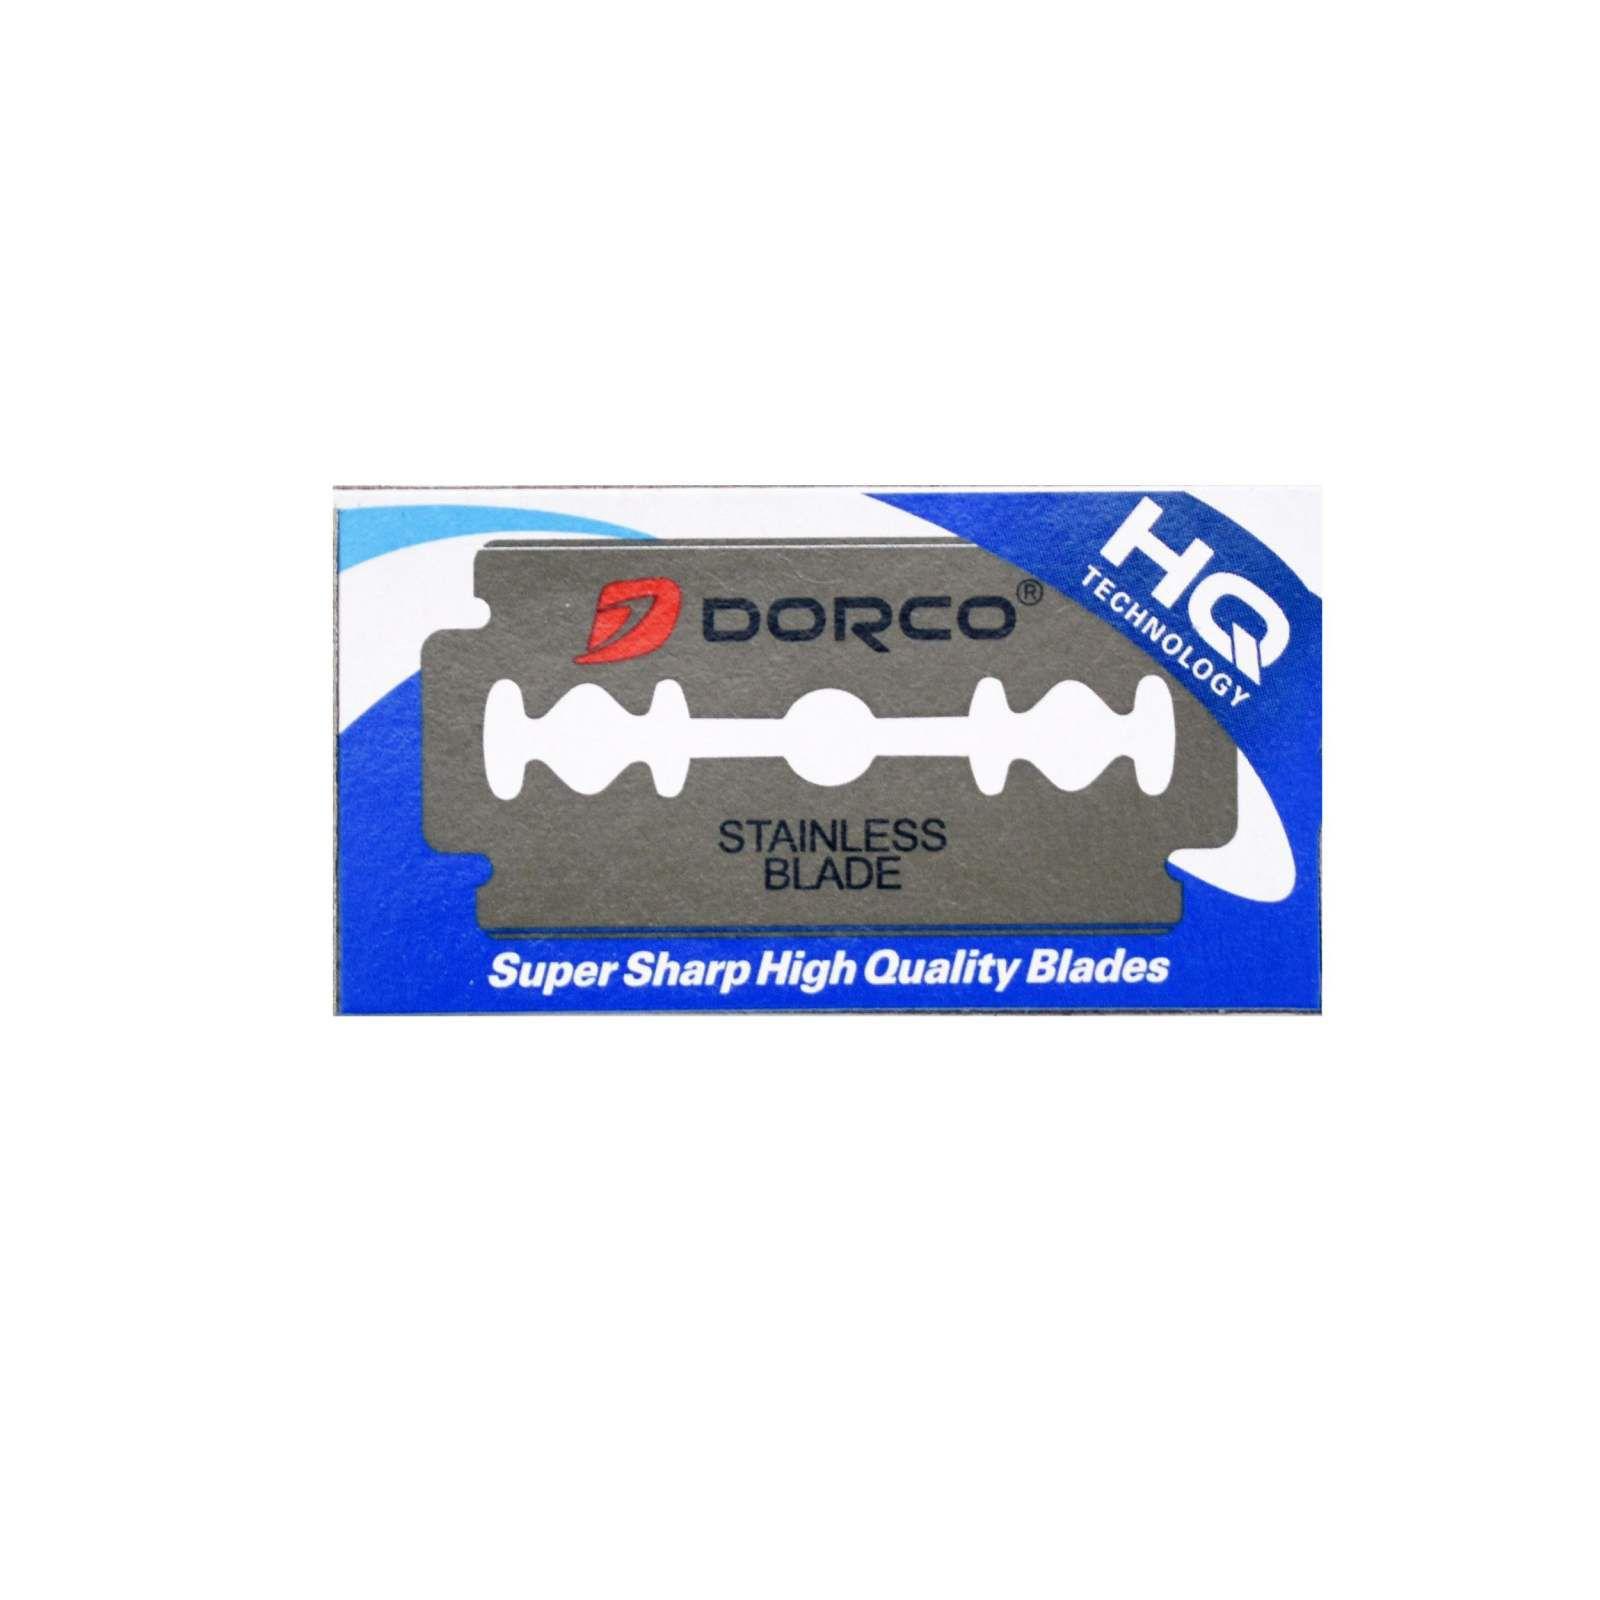 تیغ یدک دورکو مدل HQ-10 بسته 10 عددی -  - 3